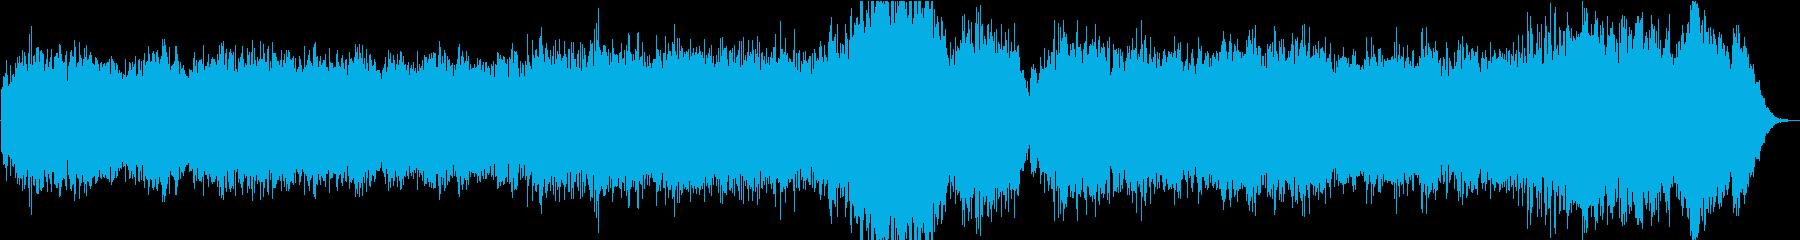 ソルフェジオ周波数、瞑想的な癒しの音楽の再生済みの波形